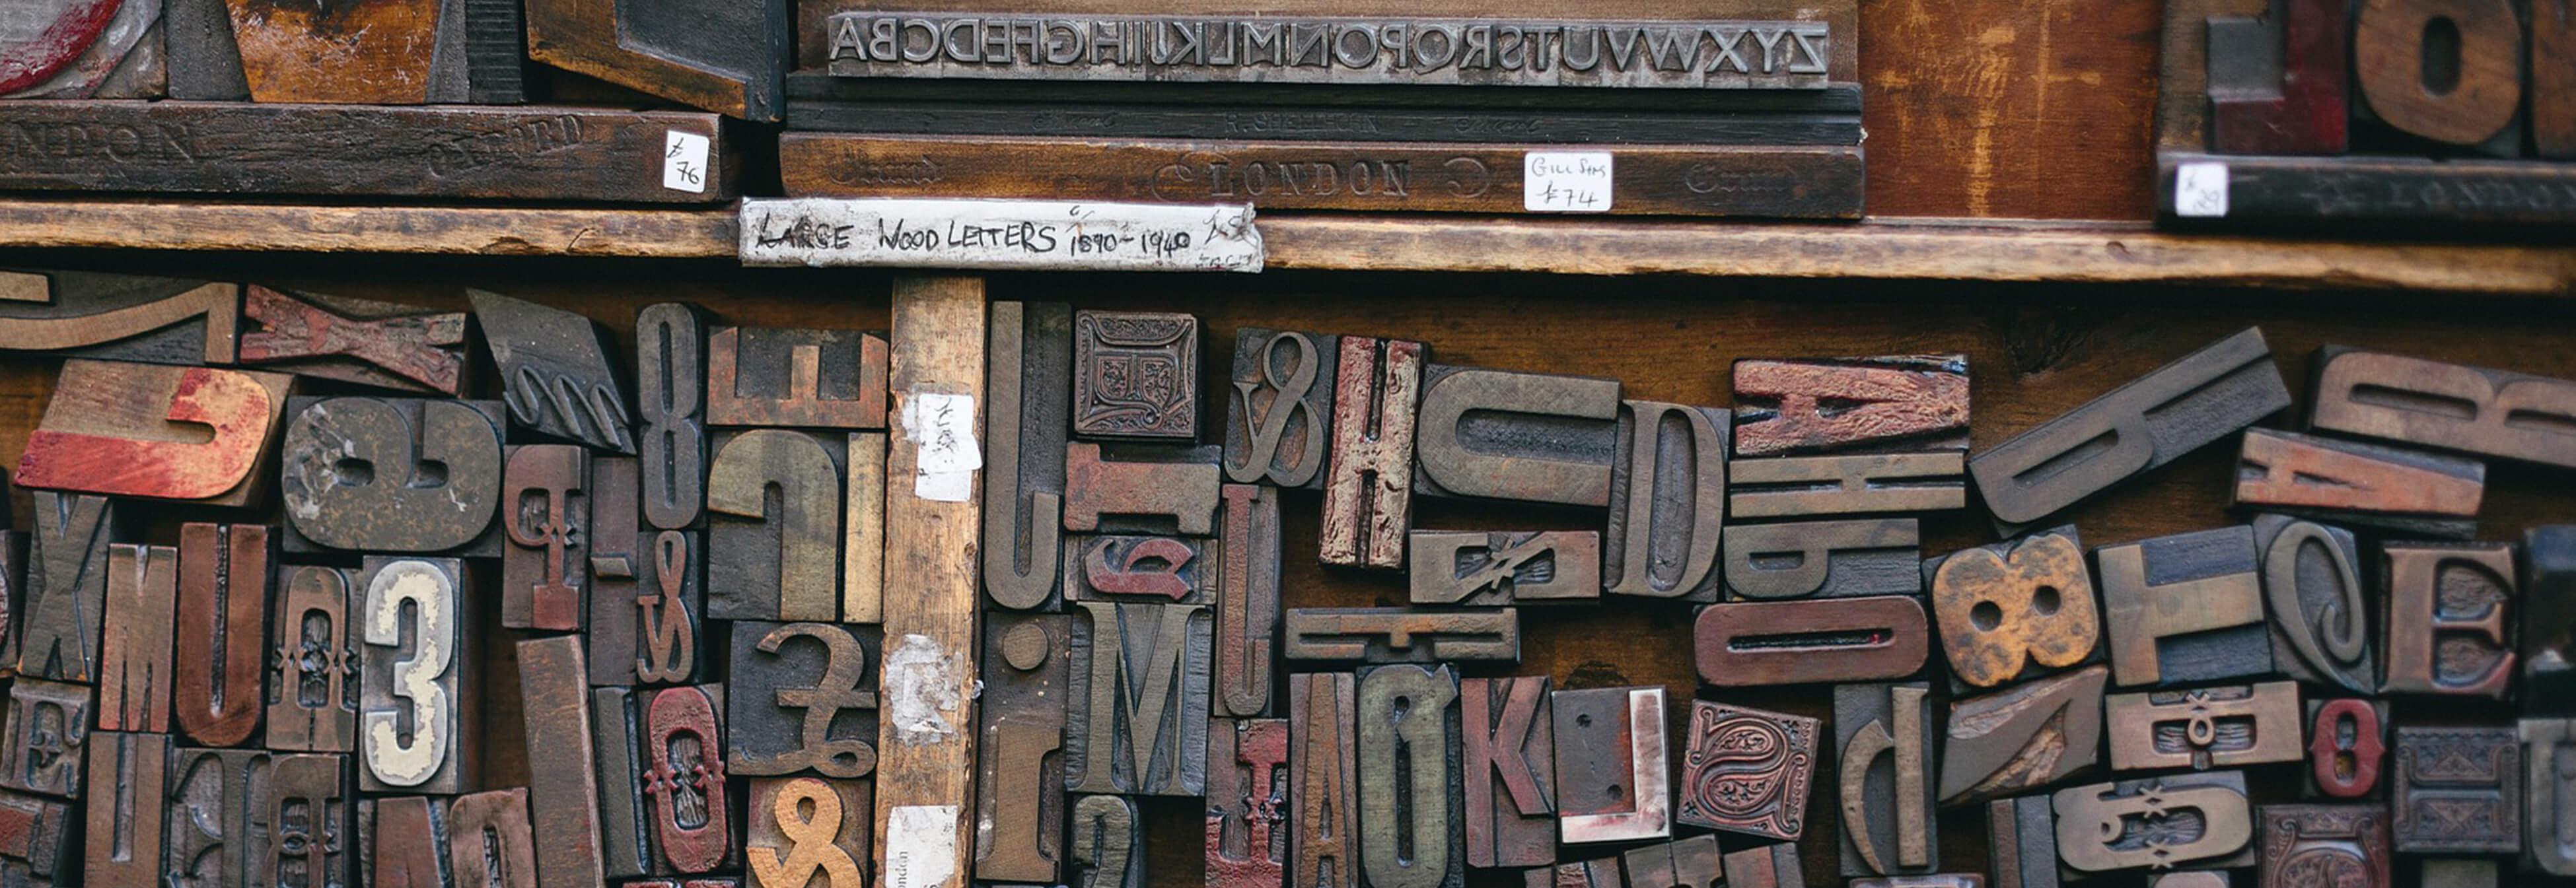 Bild von Blei-Buchstaben für den Buchdruck